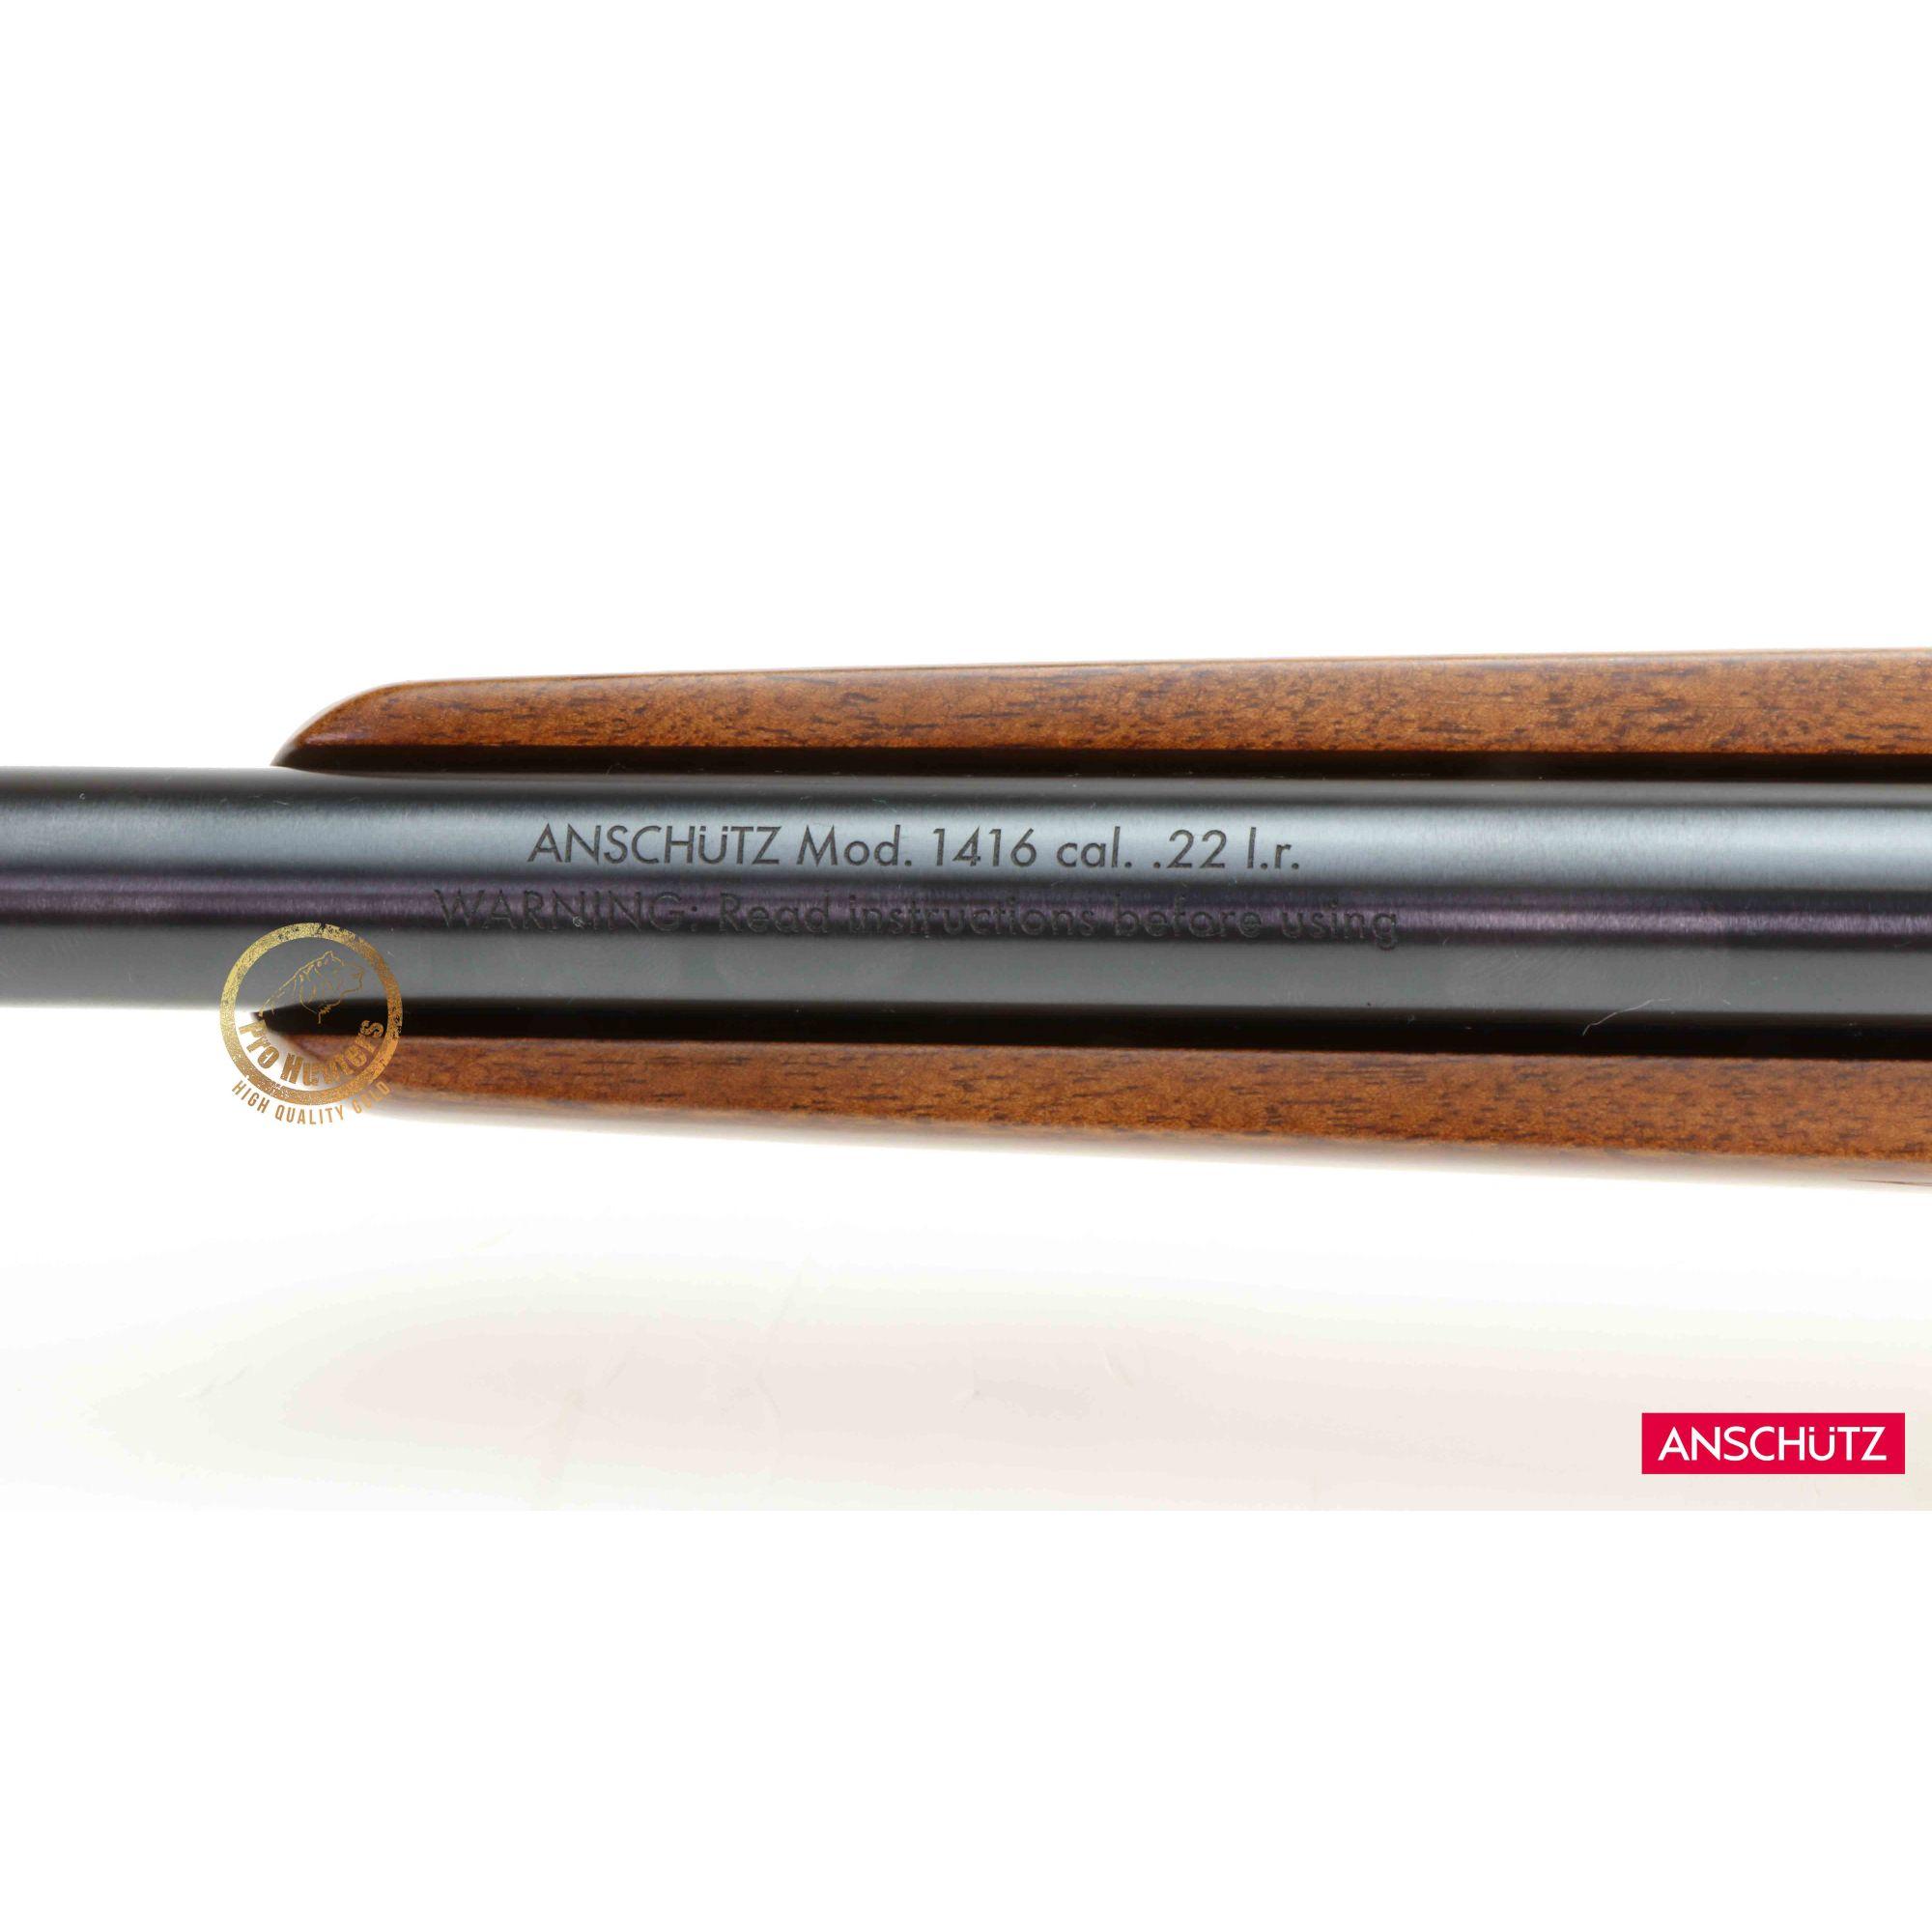 PRÉ VENDA - LANÇAMENTO - Anschutz - 1416 D HB G Classic - 18pol Barrel - Calibre .22 LR com Luneta HAWKE VANTAGE 4×32 30/30 DUPLEX